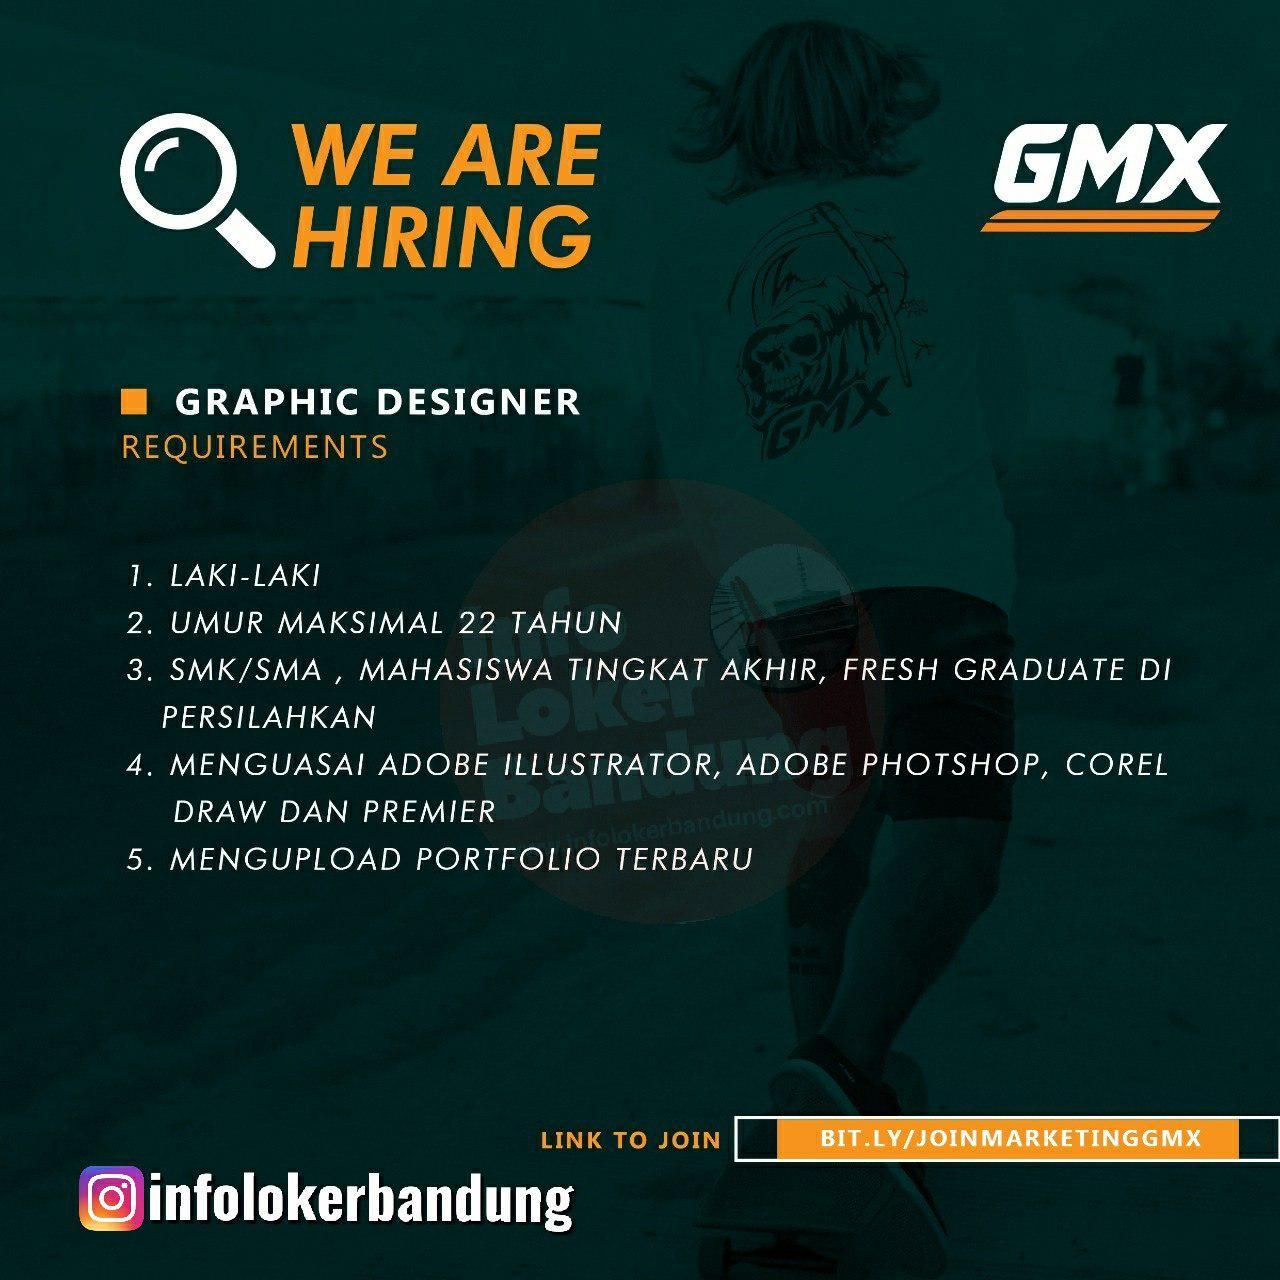 Lowongan Kerja Graphic Designer Gmx Bandung Desember 2019